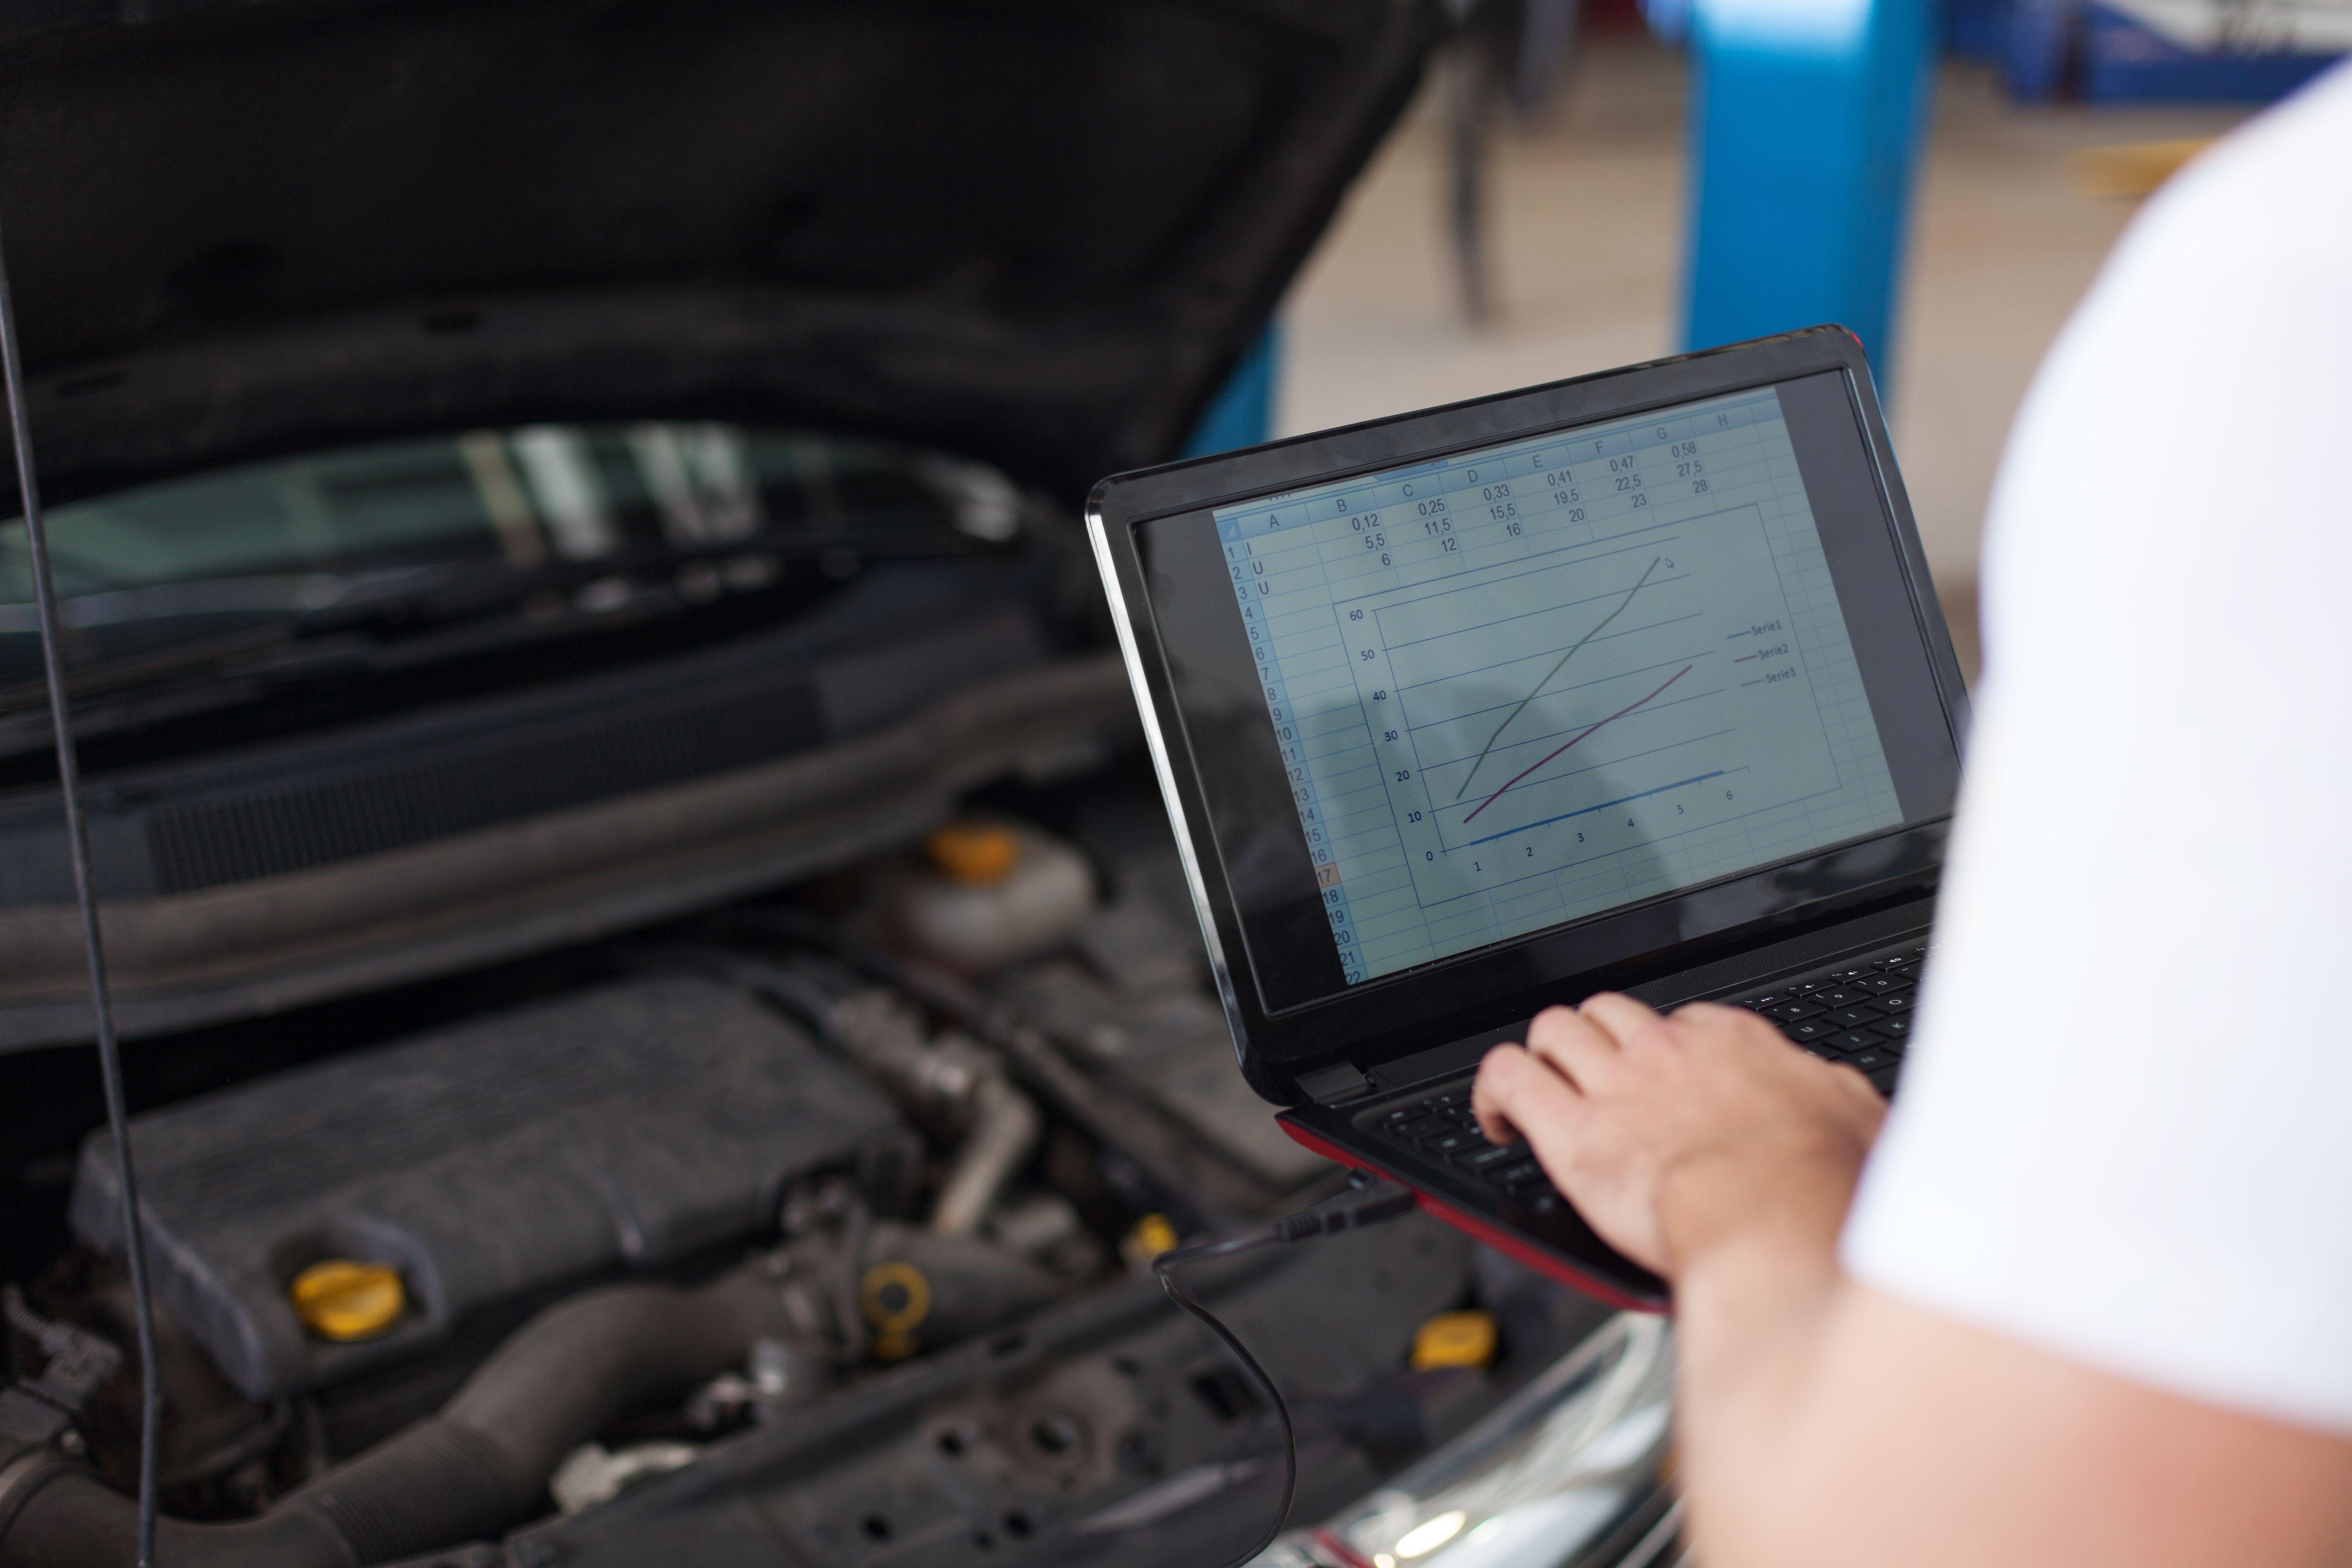 Diagnosis electrónica de automóviles en Ajalvir